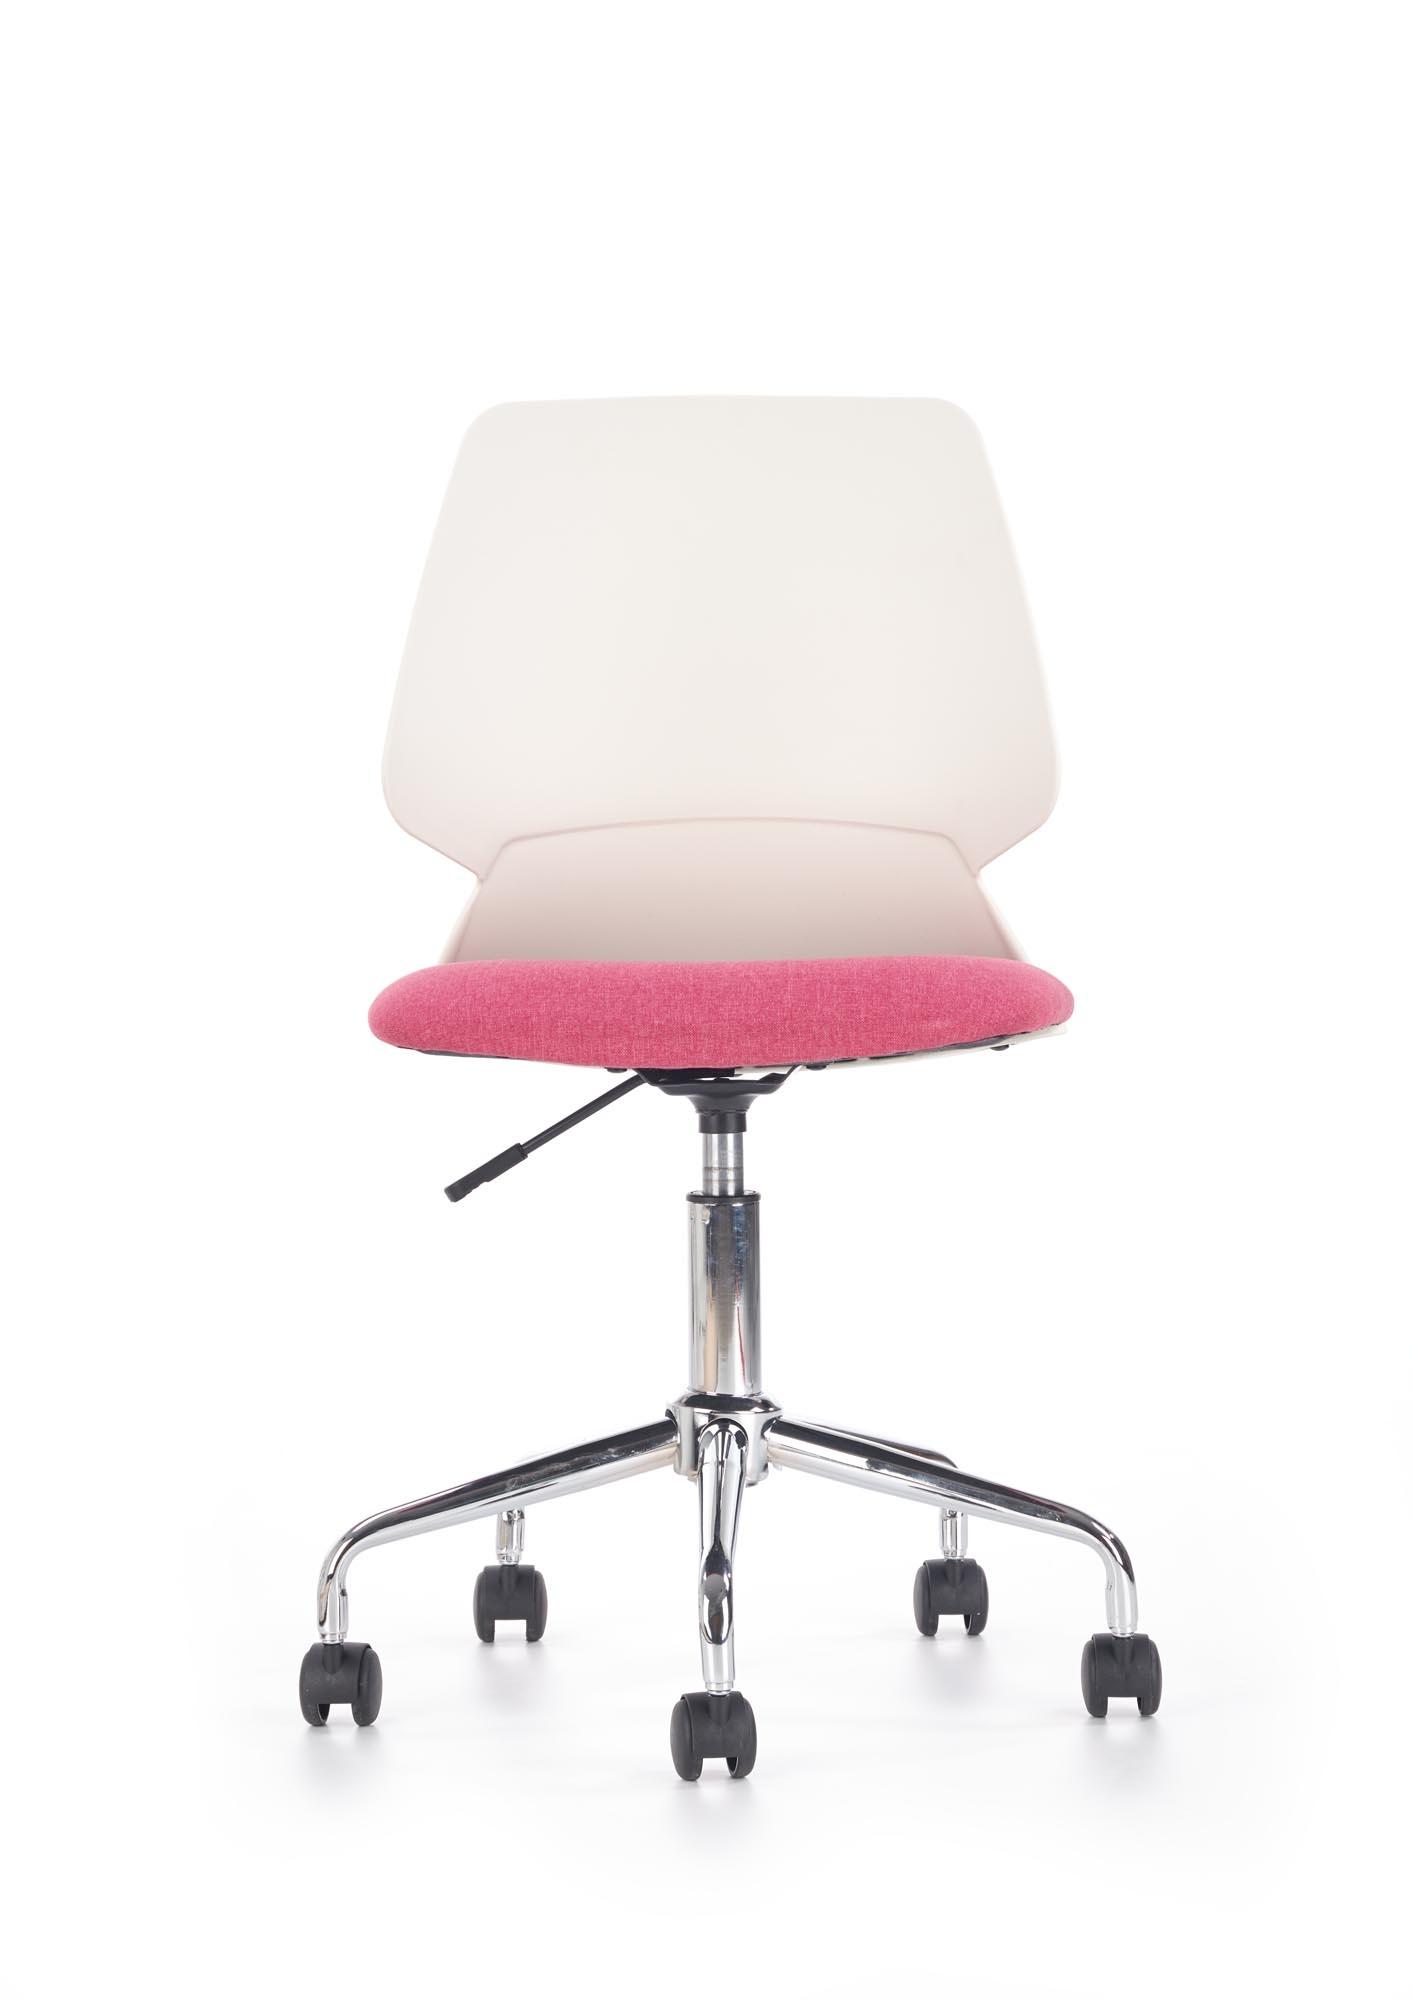 Scaun de birou pentru copii Skate White / Pink, l47xA50xH87-97 cm imagine